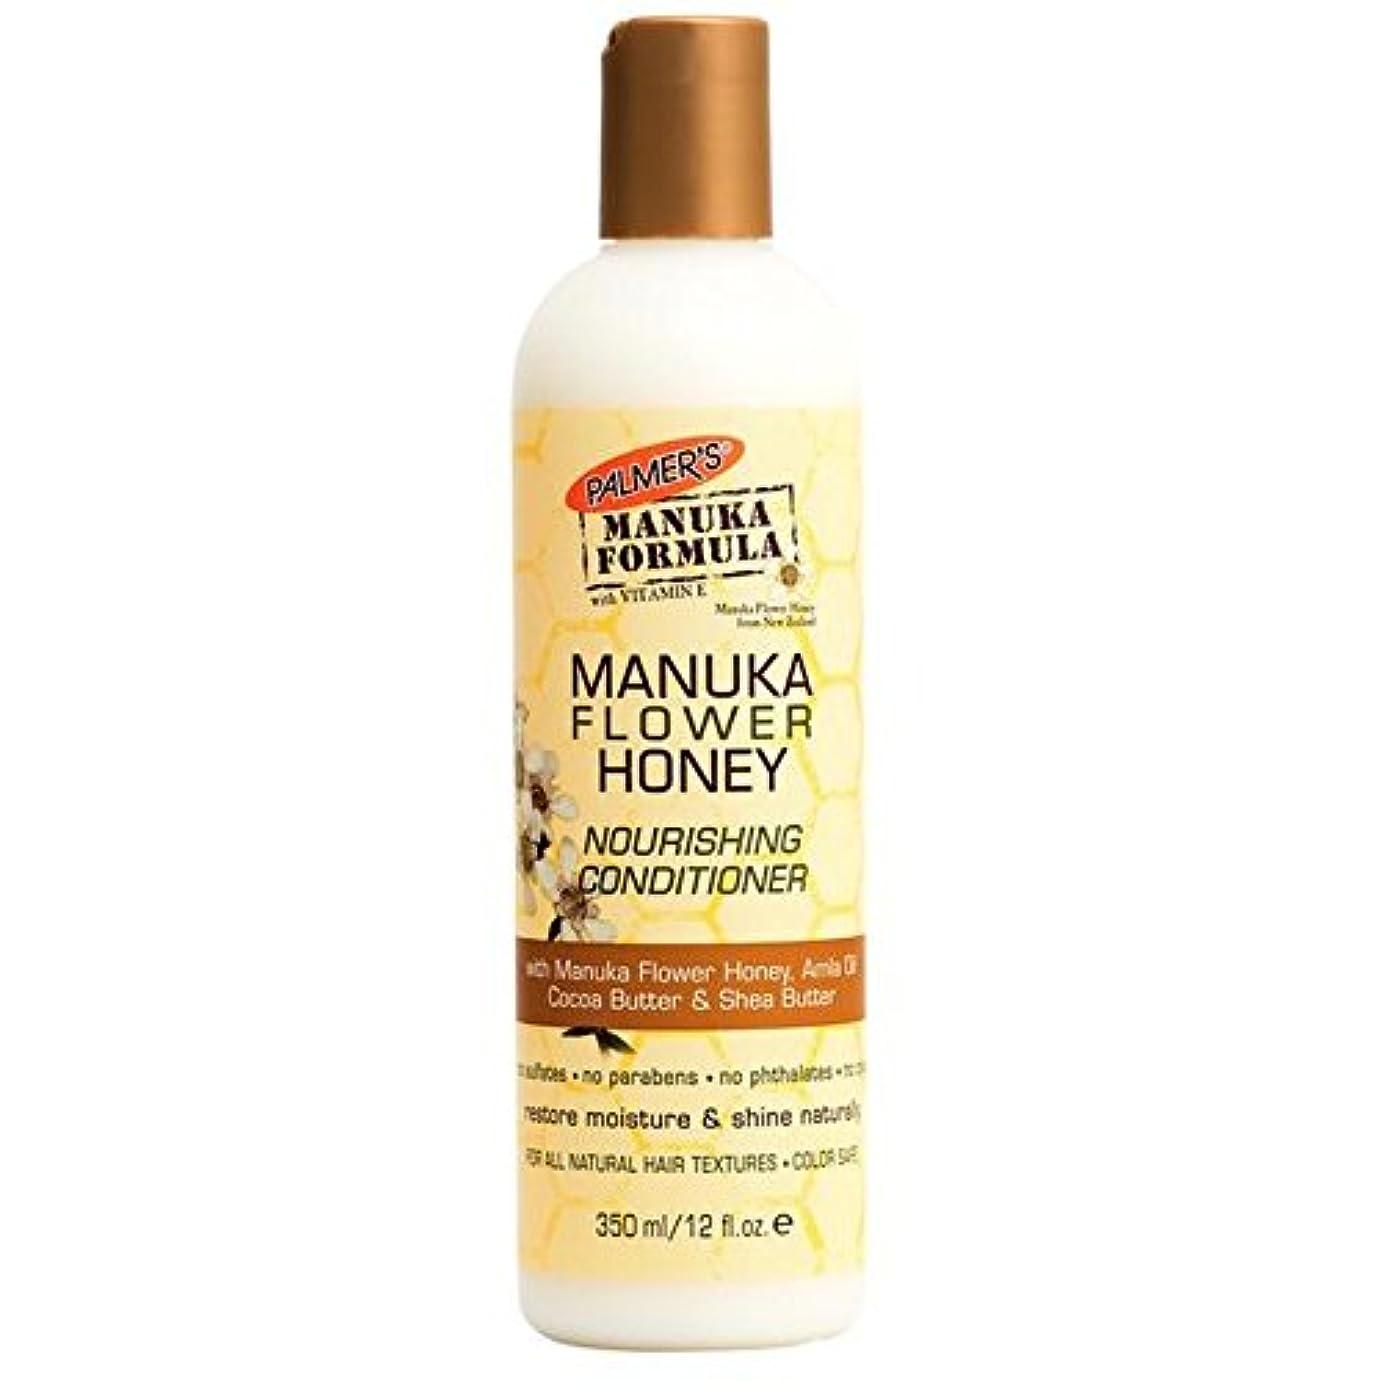 それにもかかわらず傾向がある予定Palmer's Manuka Formula Manuka Flower Honey Nourishing Conditioner 250ml - パーマーのマヌカ式マヌカハニー栄養コンディショナー250 [並行輸入品]